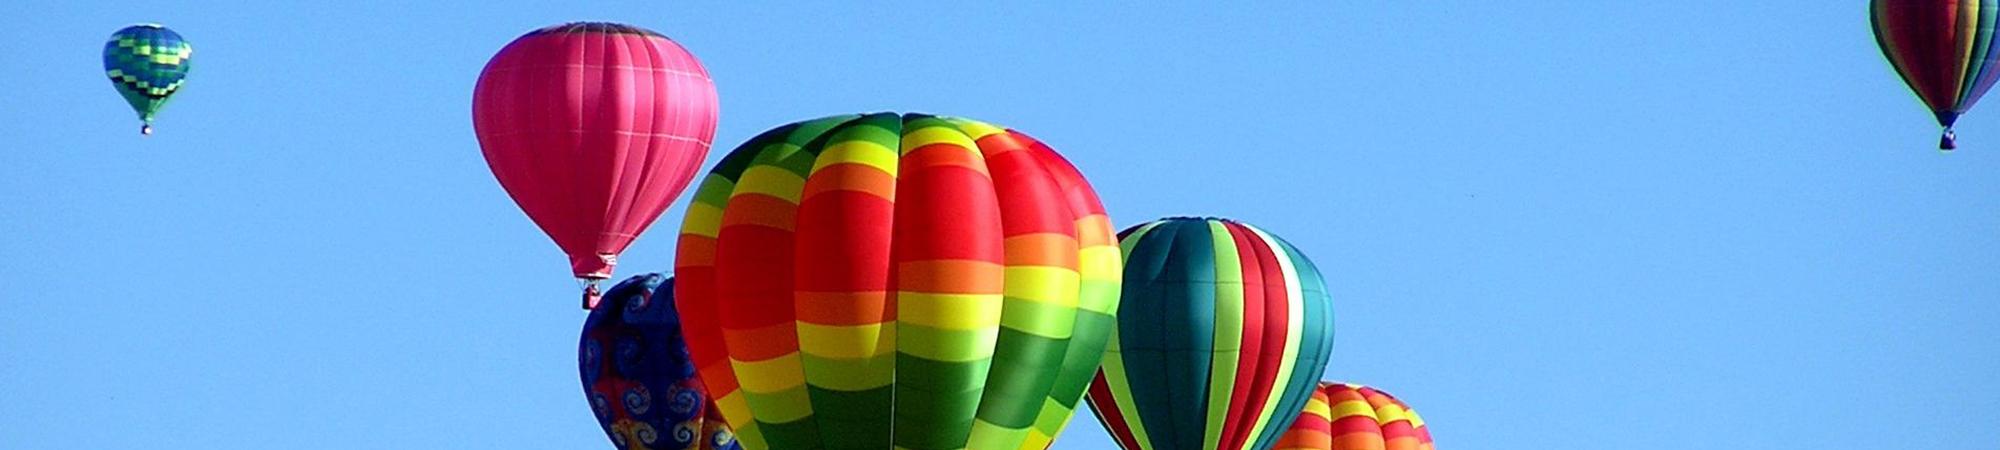 Total Slides Balloons.jpg